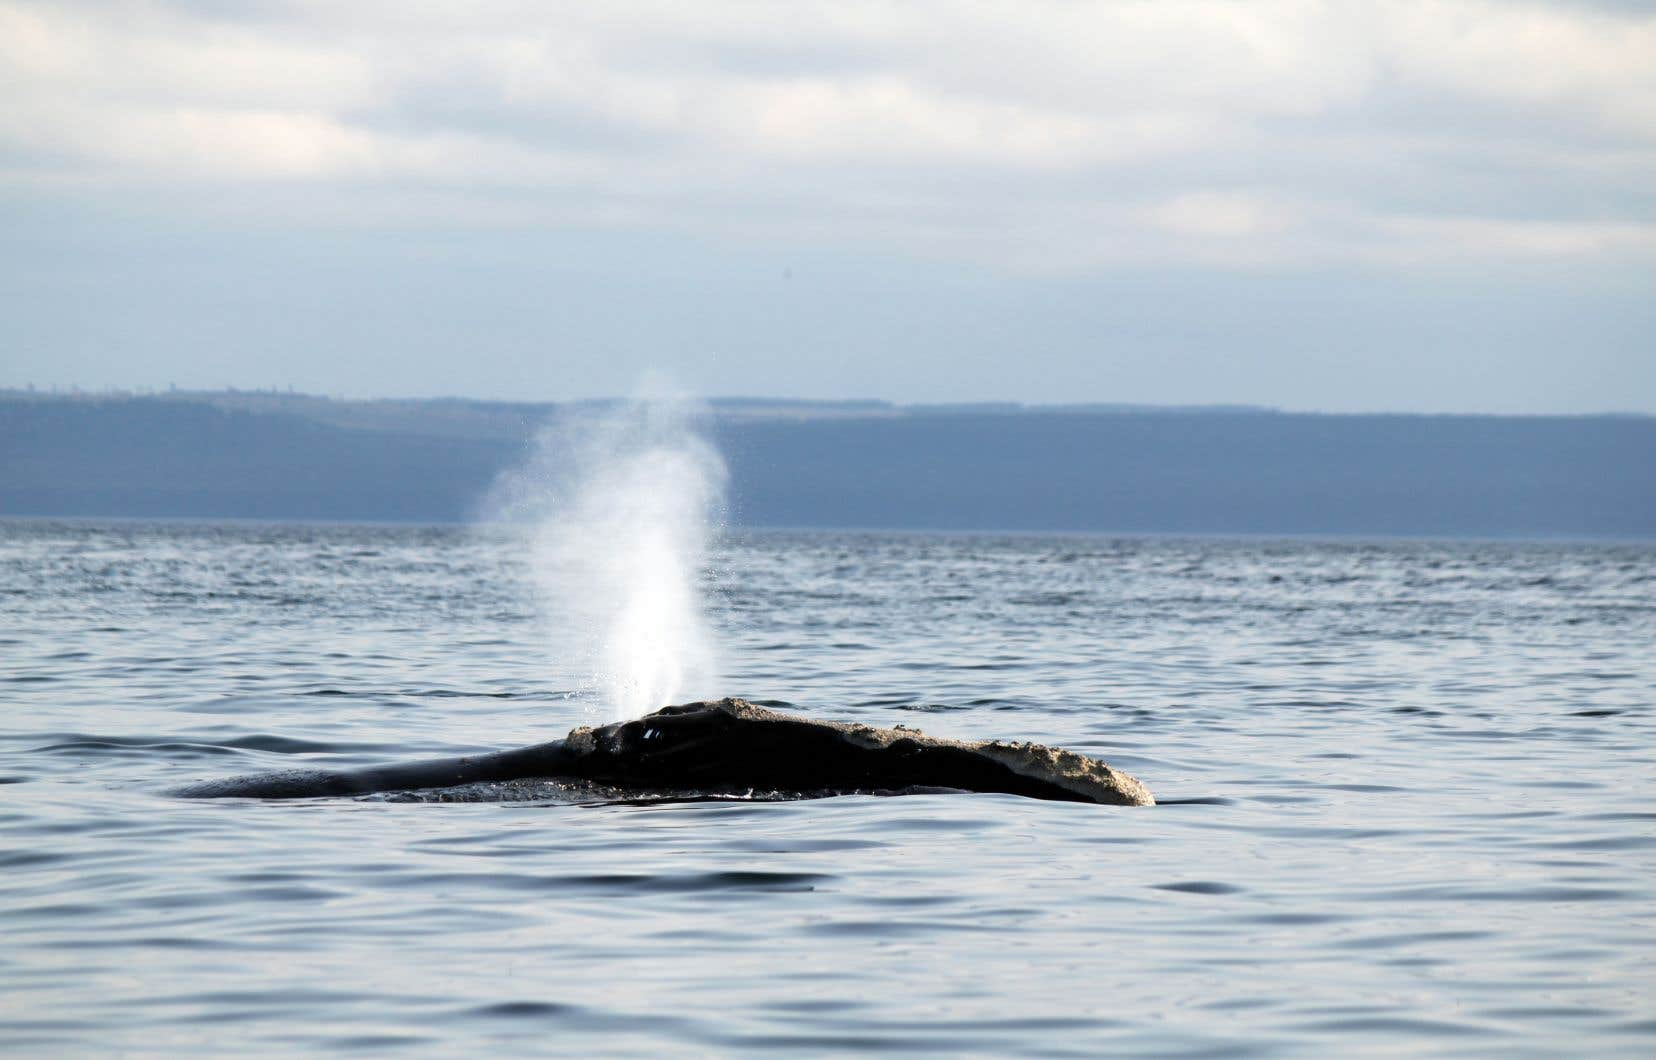 Vingt-huit baleines noires de l'Atlantique Nord sont mortes dans les eaux nord-américaines depuis 2017.